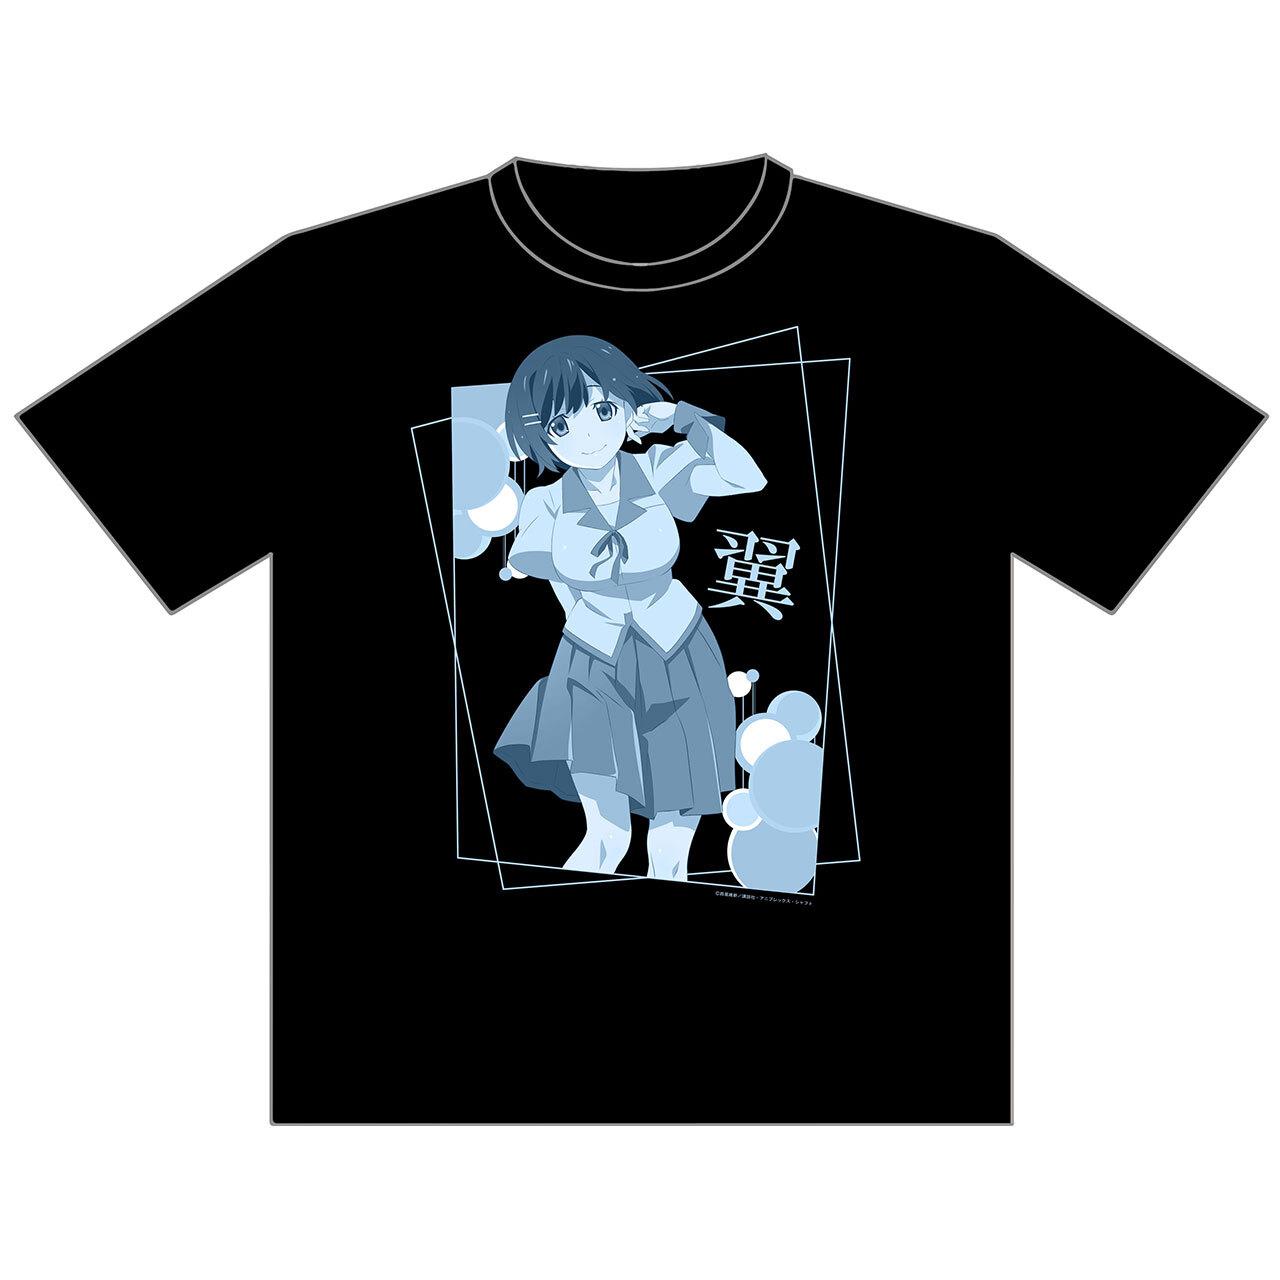 【4589839358064予】終物語 【描き下ろし】羽川翼 Tシャツ M